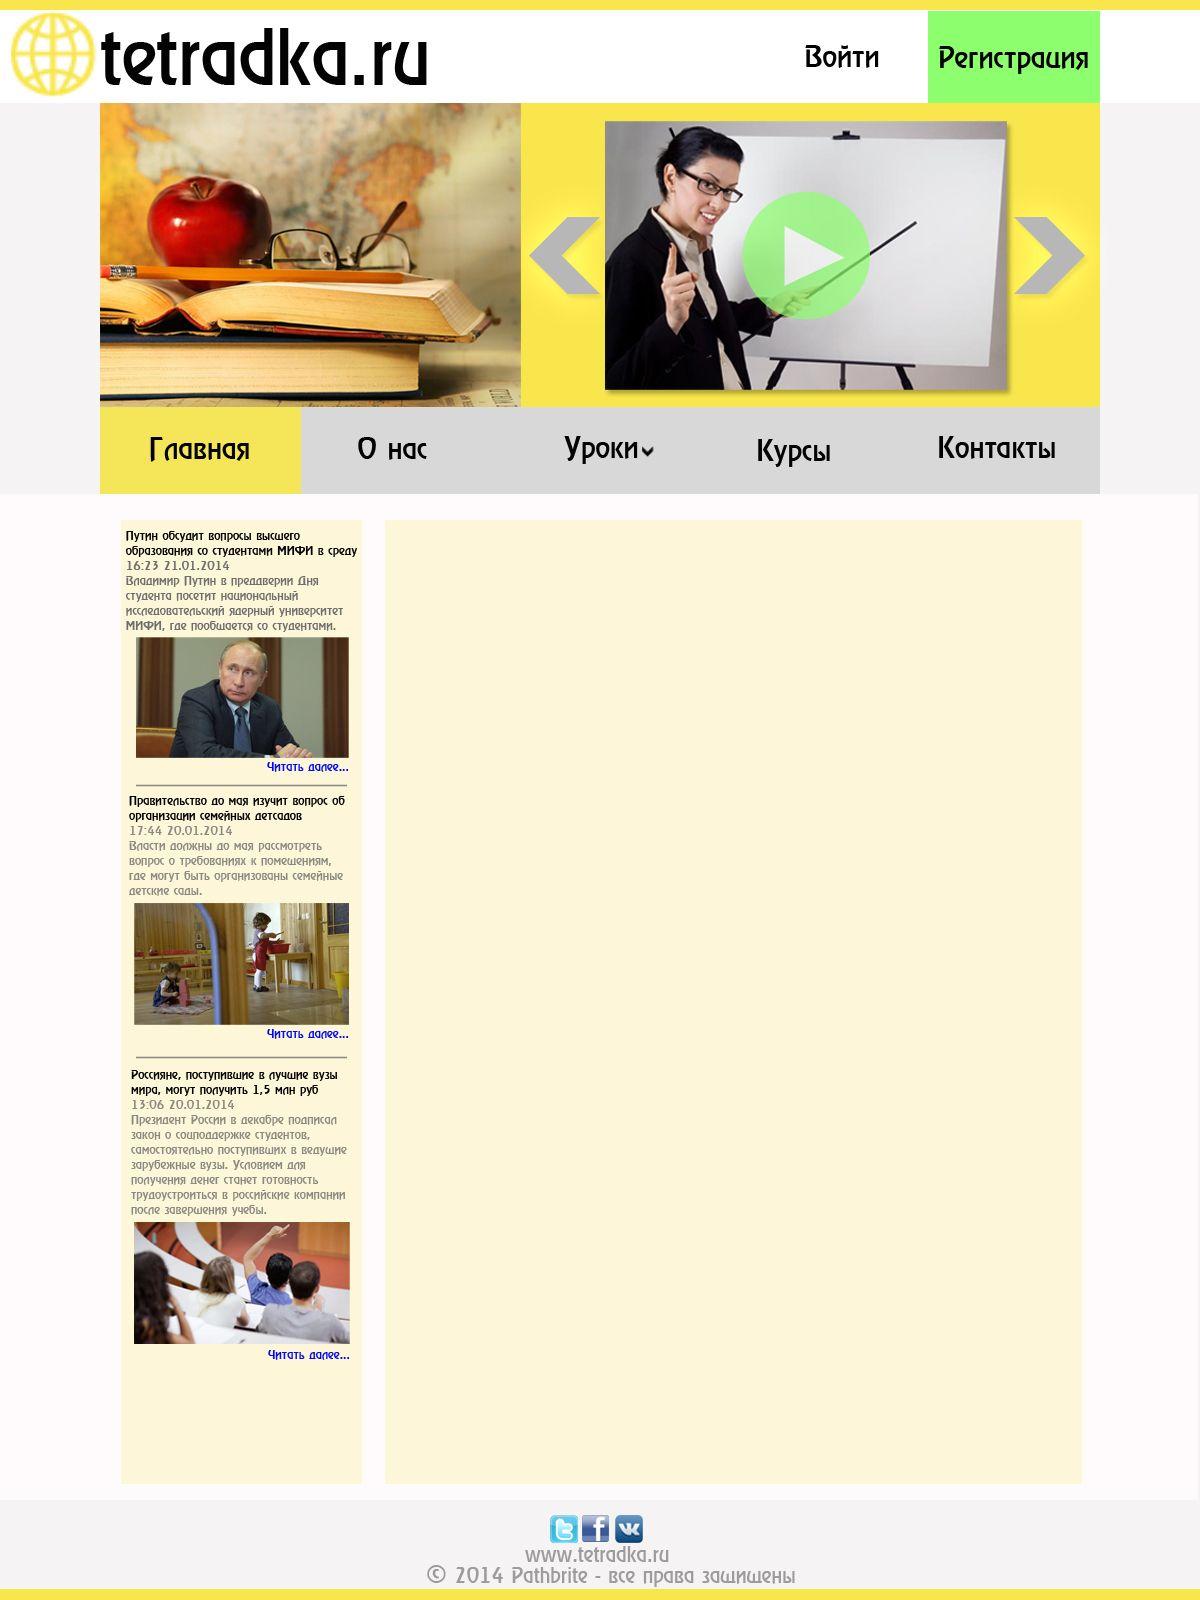 Главная страница образовательной сети tetradka.ru - дизайнер mrd340